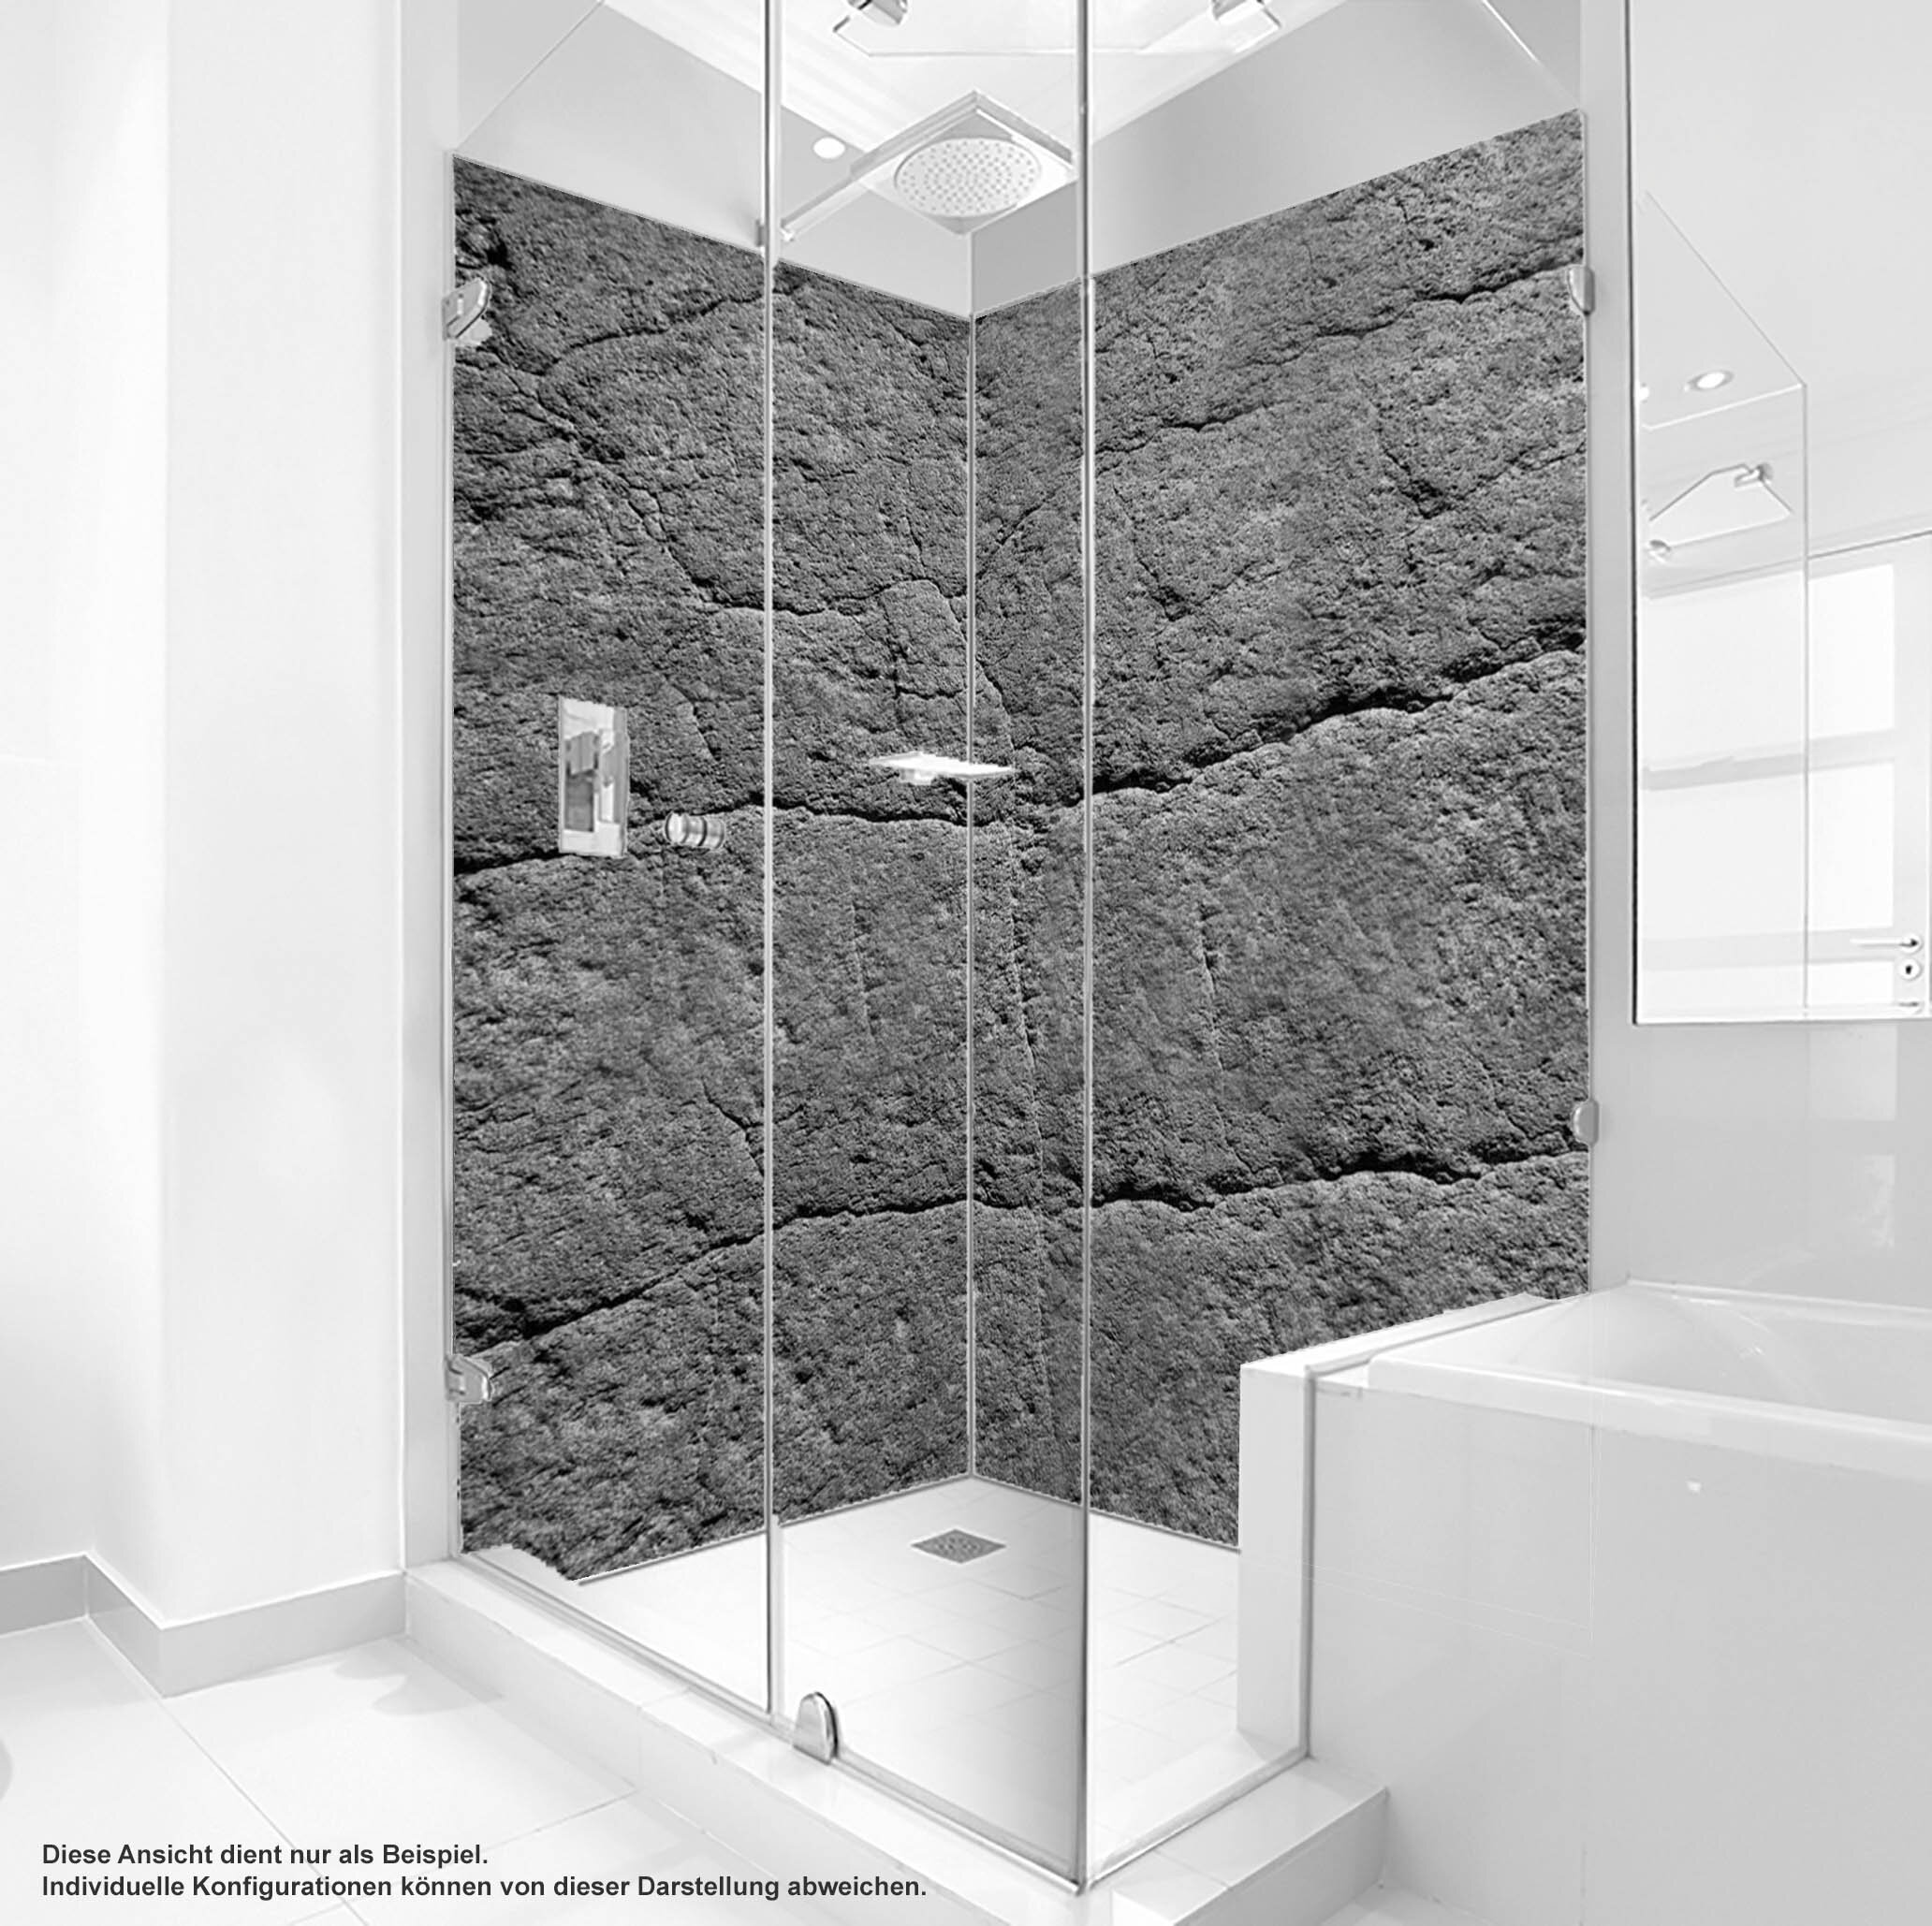 Dusche PlateART Duschrückwand mit Motiv Felswand